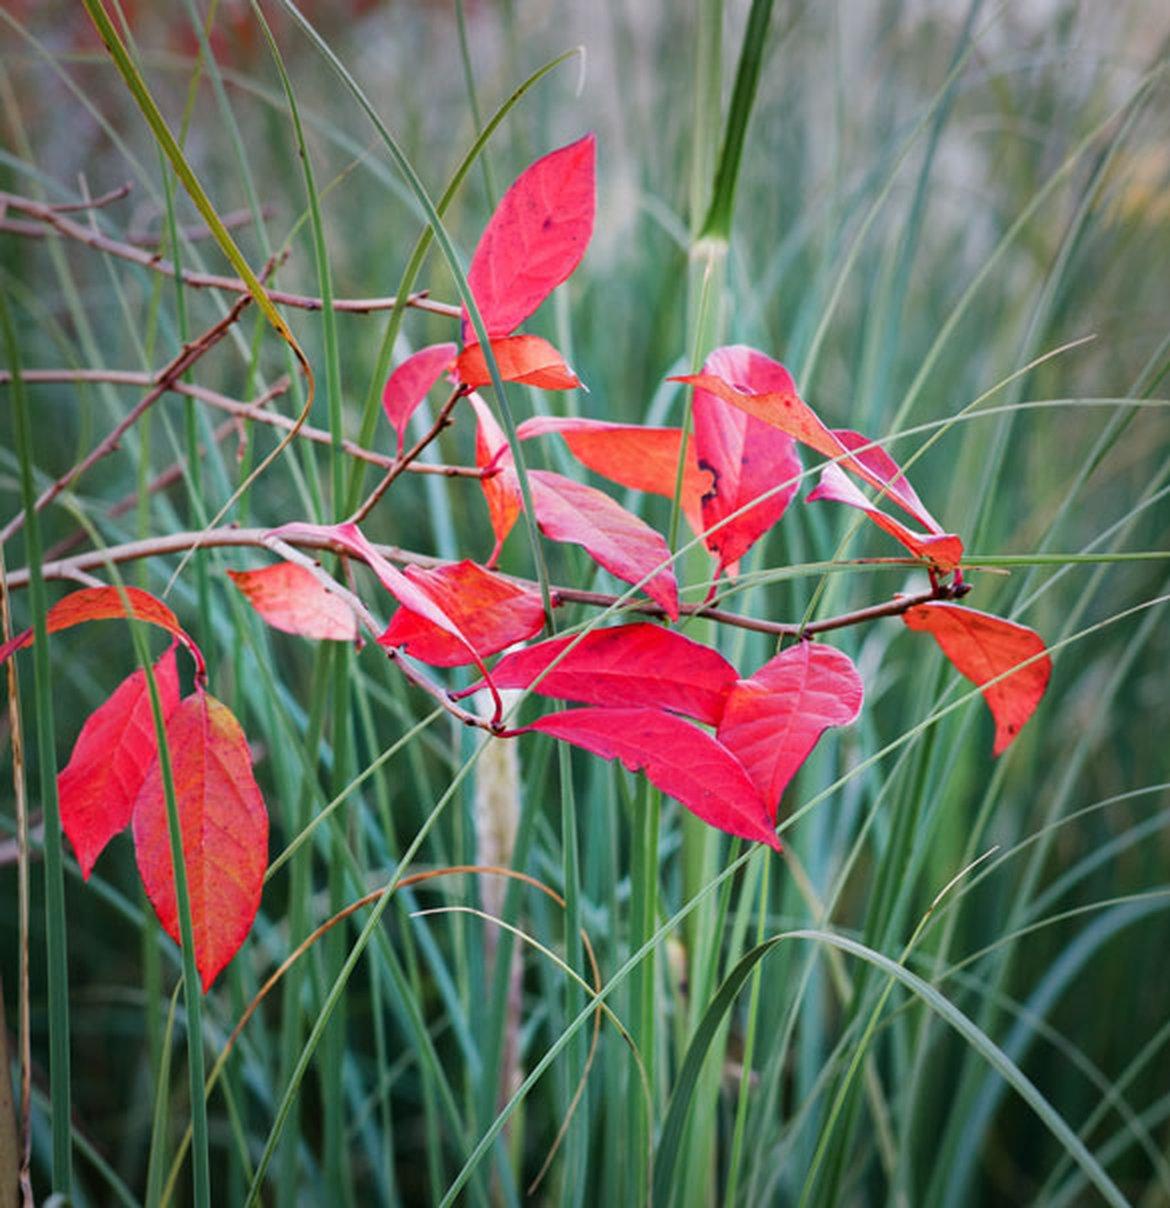 plante exterieur toute saison ordinaire plante exterieur toute saison plante vivace rampante. Black Bedroom Furniture Sets. Home Design Ideas